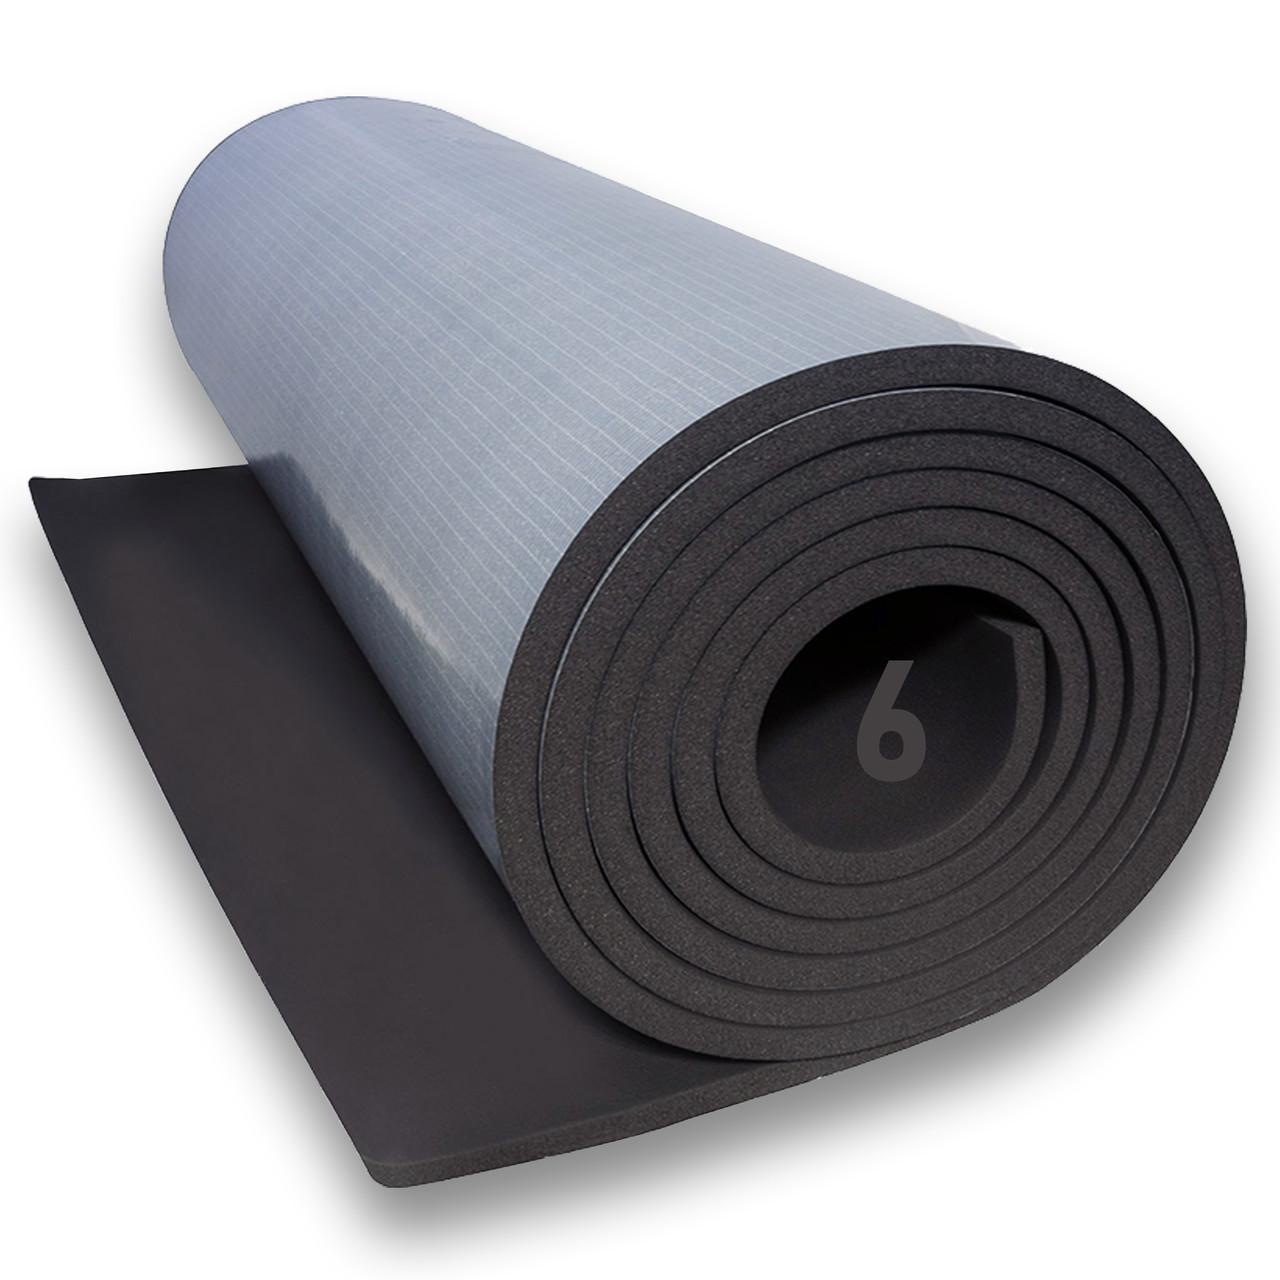 Вспененный каучук самоклеящийся 6 мм цена за рулон